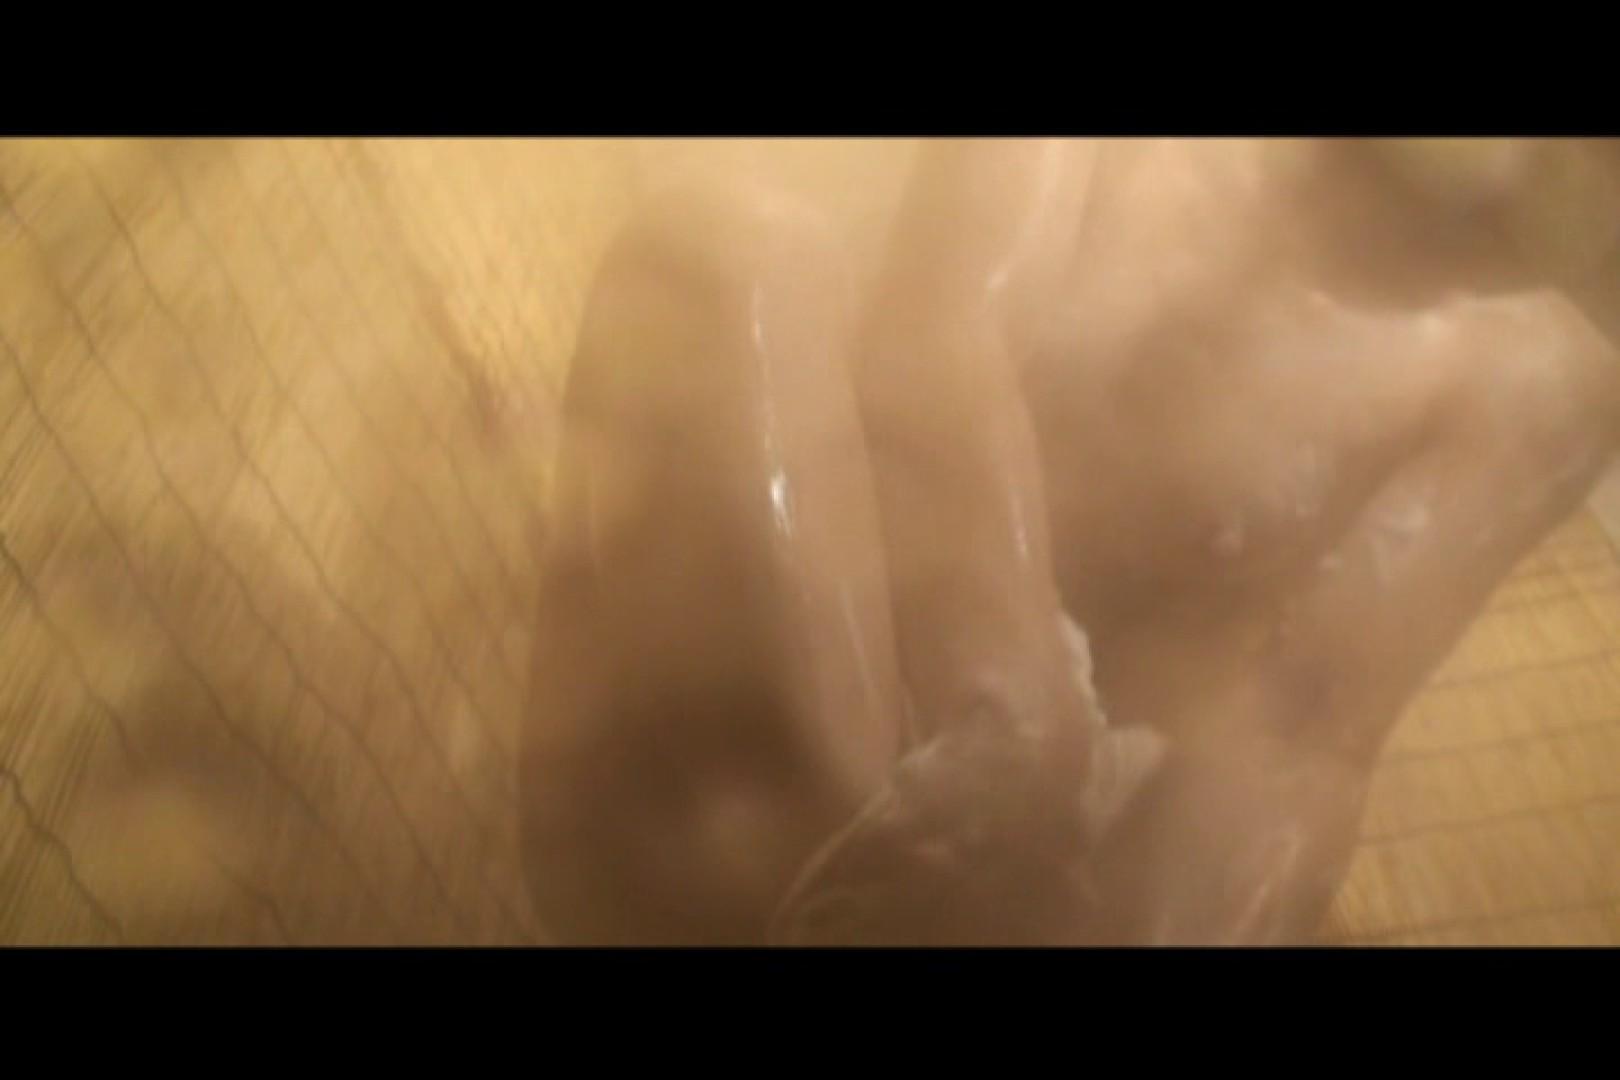 トロイさんのプールシャワー盗撮 vol.01 盗撮映像大放出 おまんこ無修正動画無料 84連発 56